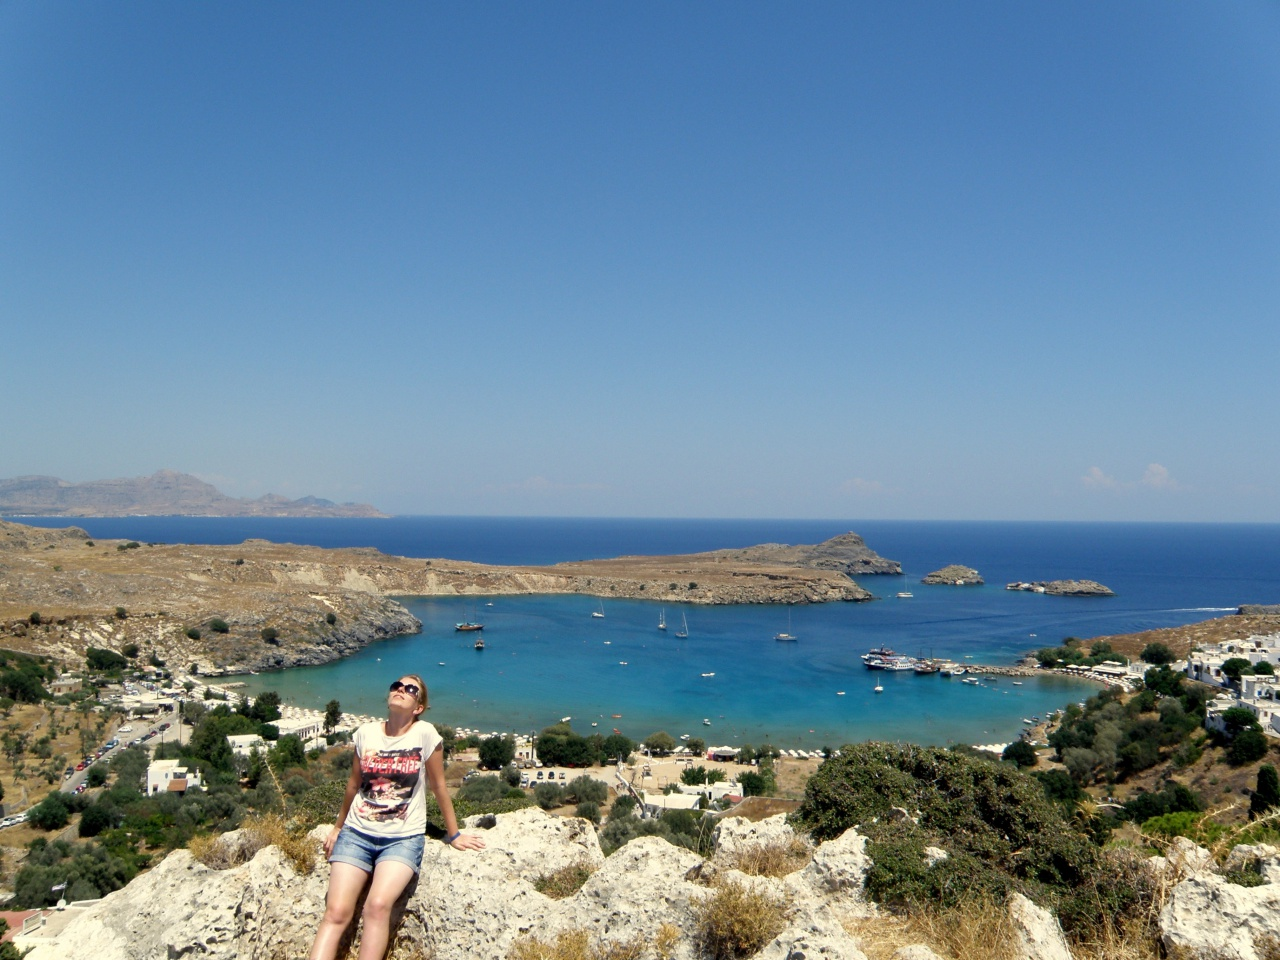 Zatoka Lindos grecka wyspa niebieska woda morze